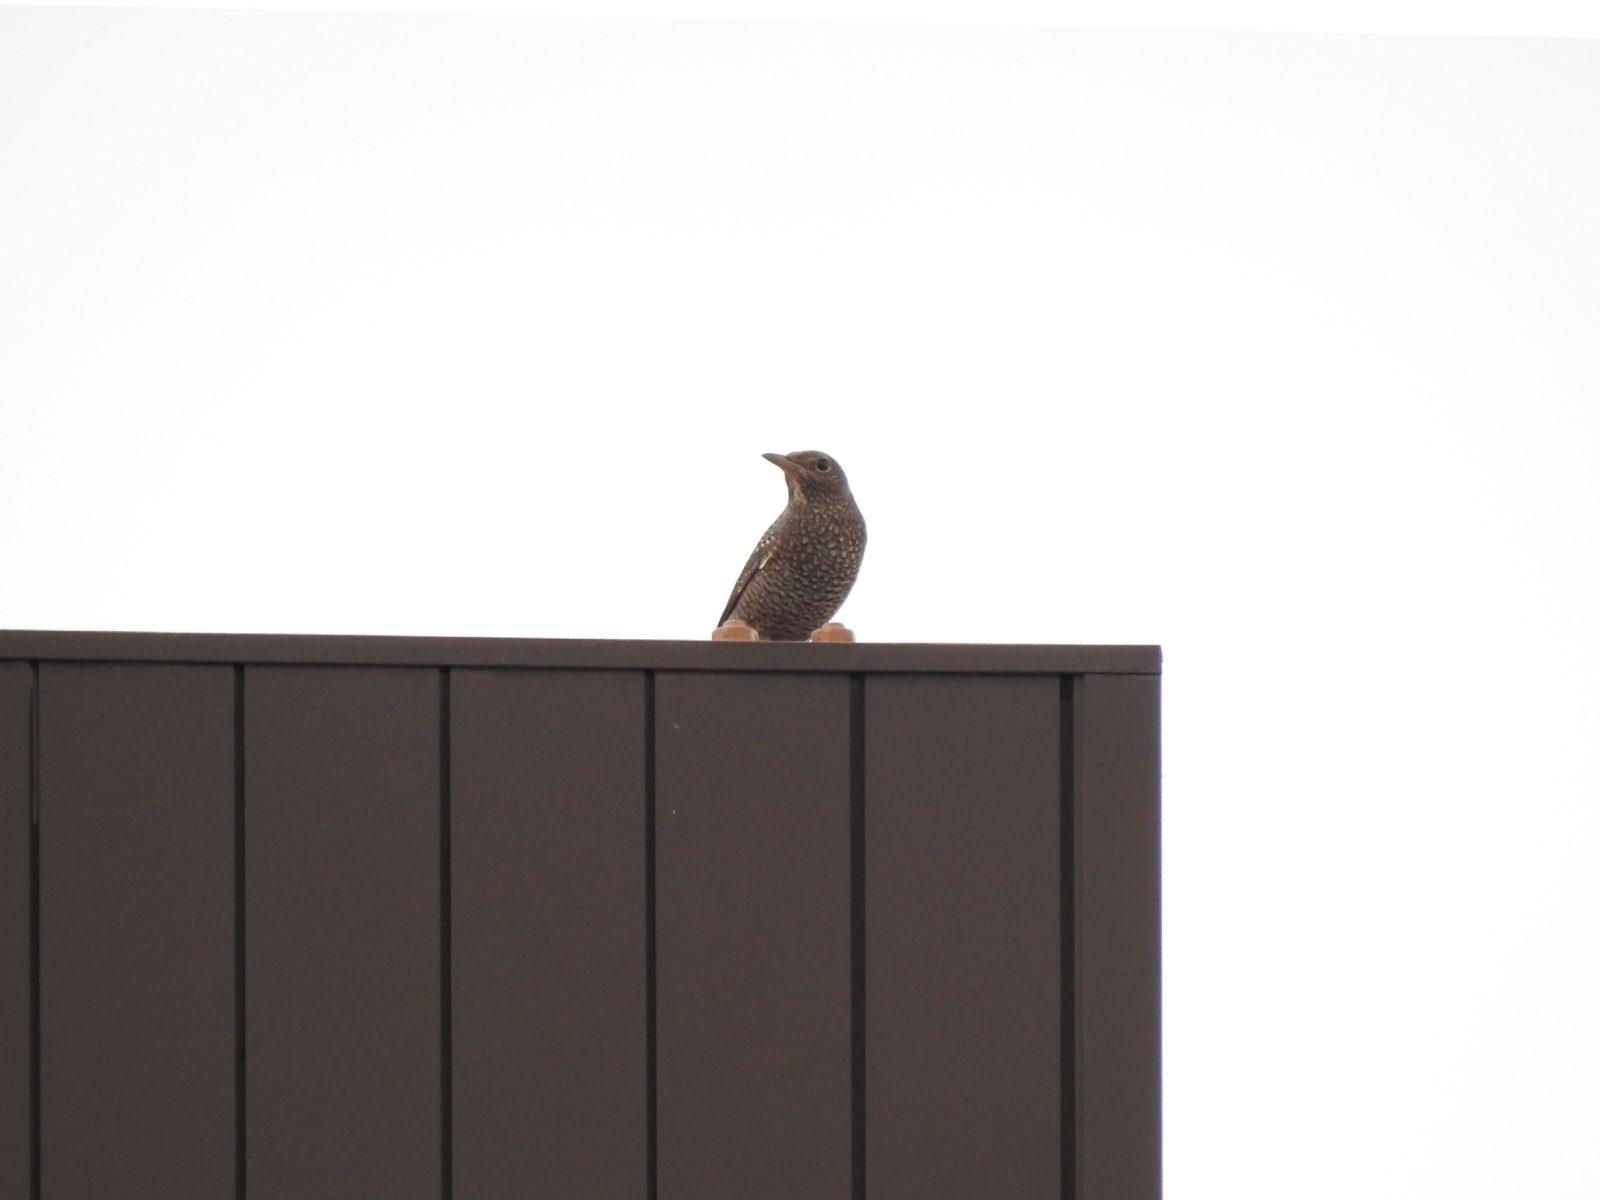 イソヒヨドリ雌